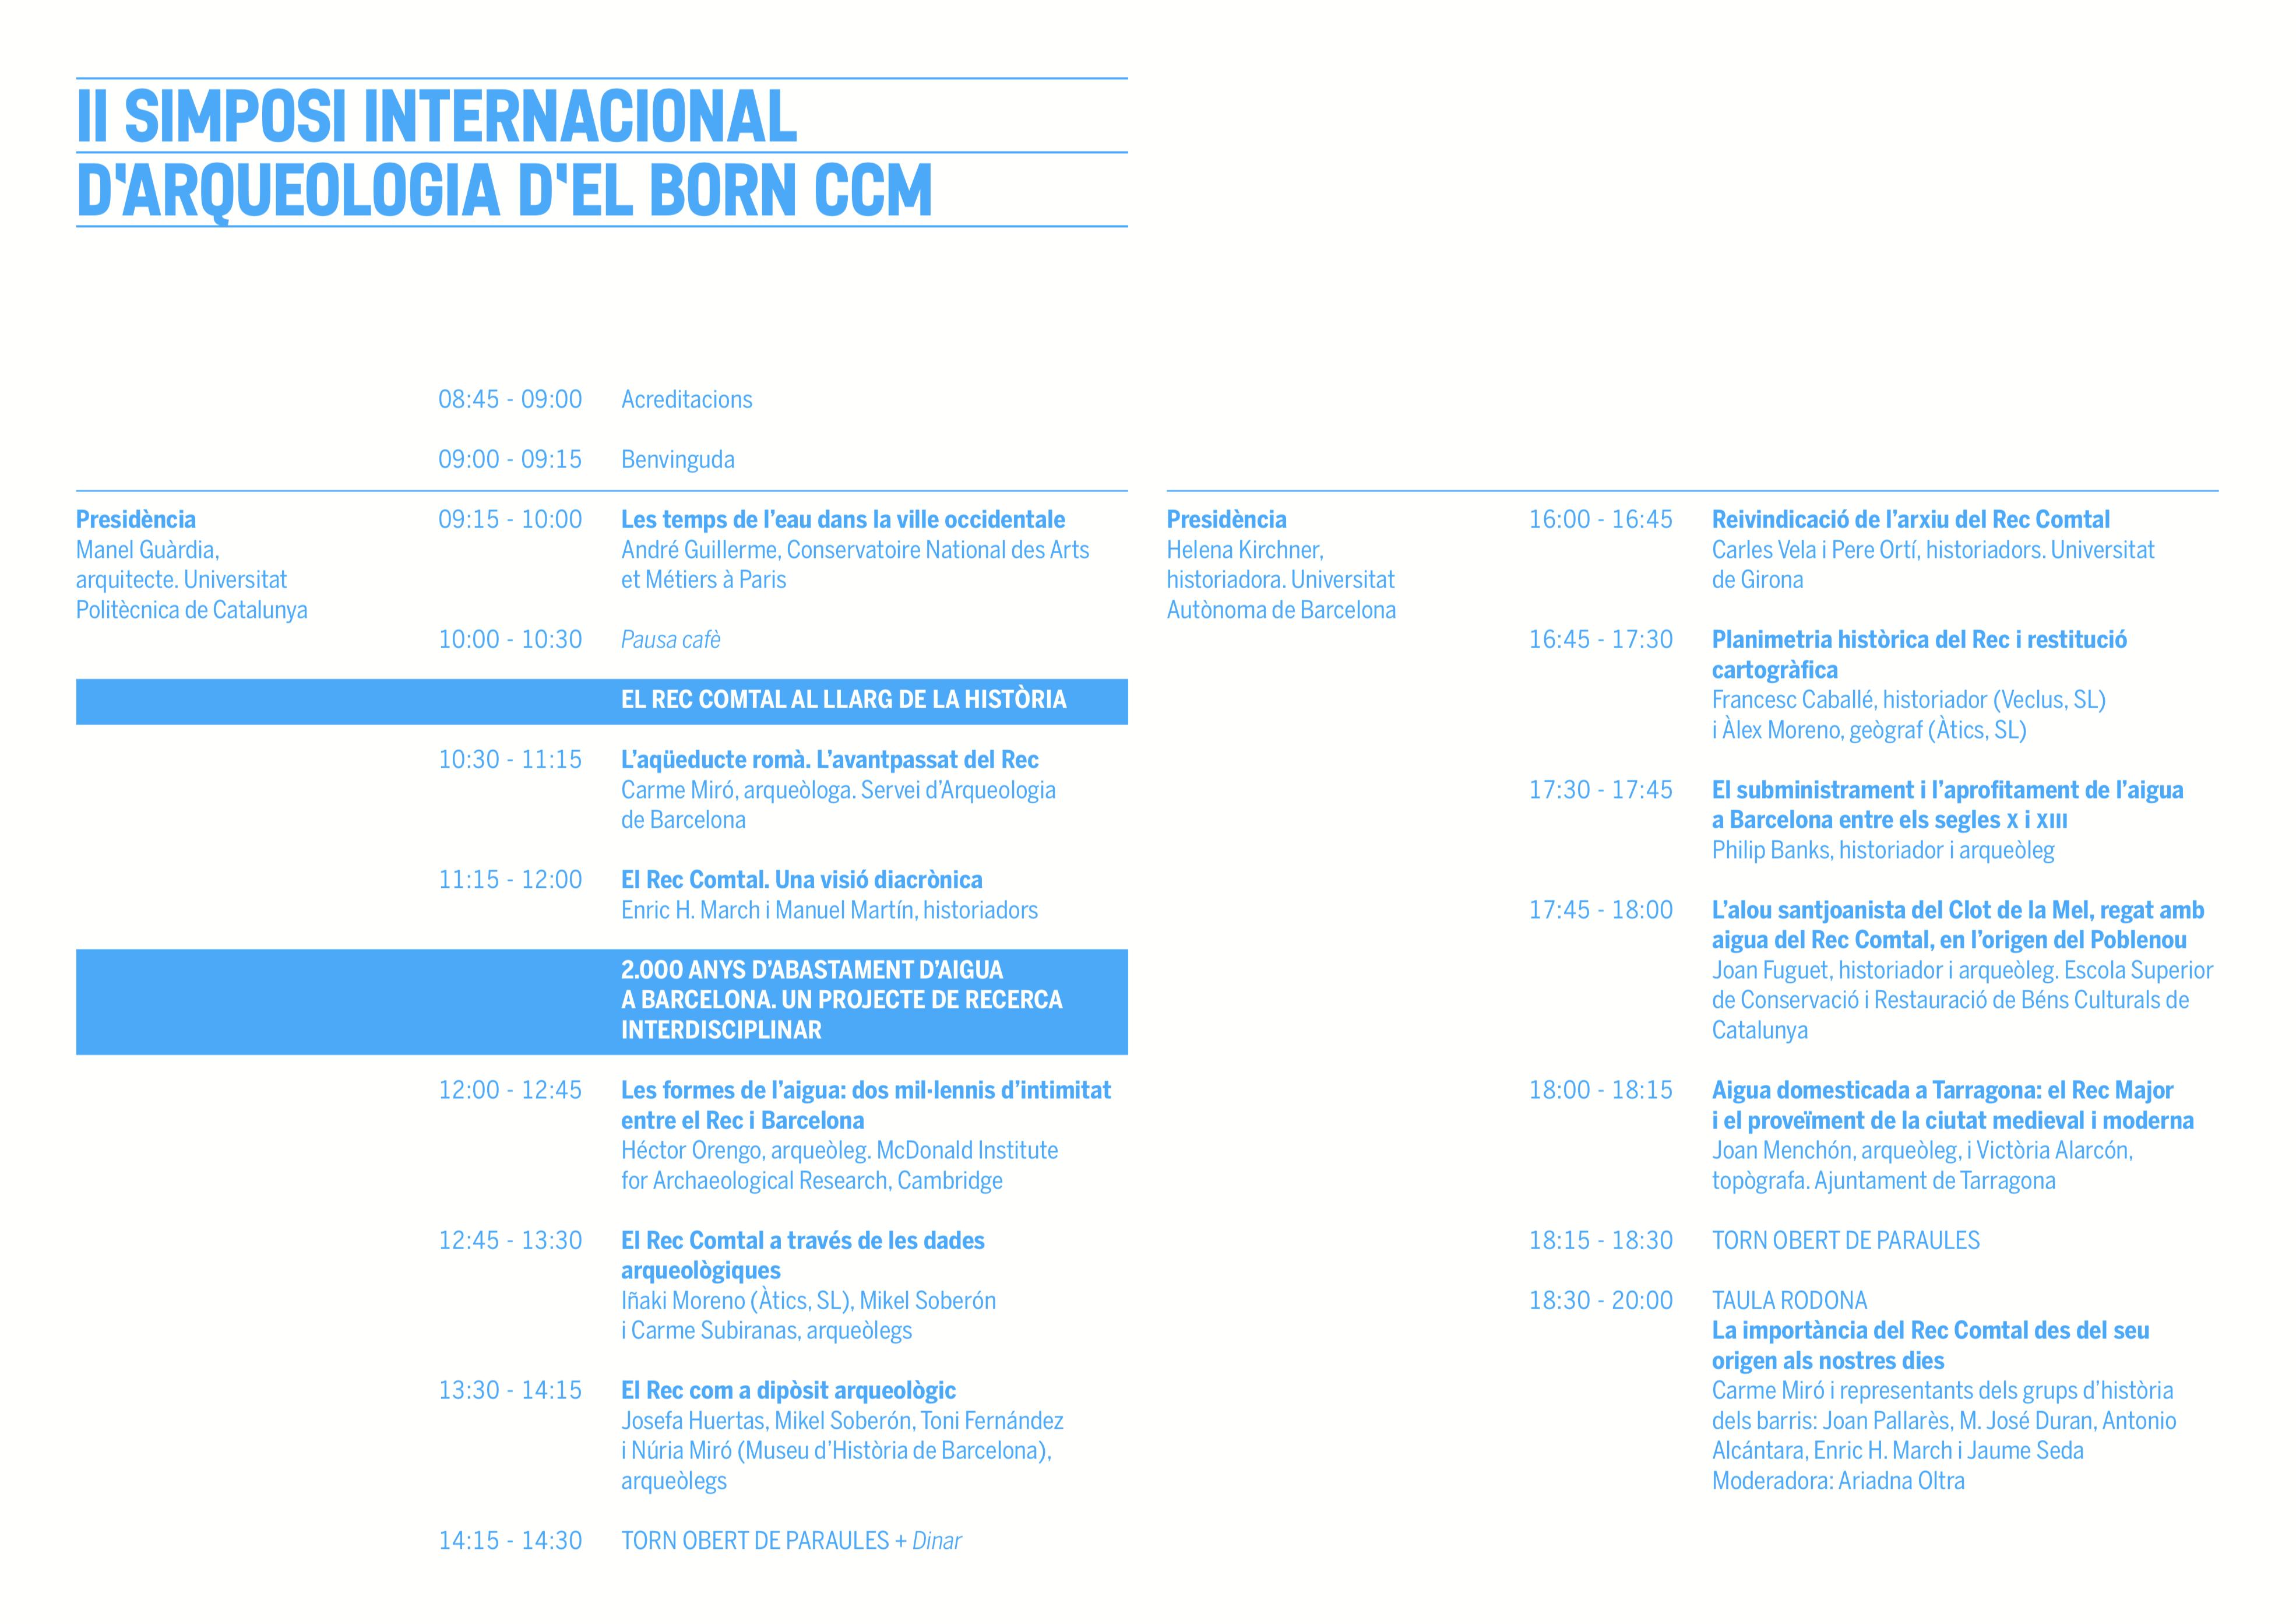 II Simposi Internacional d'Arqueologia a El Born CCM: Rec Comtal de Barcelona.